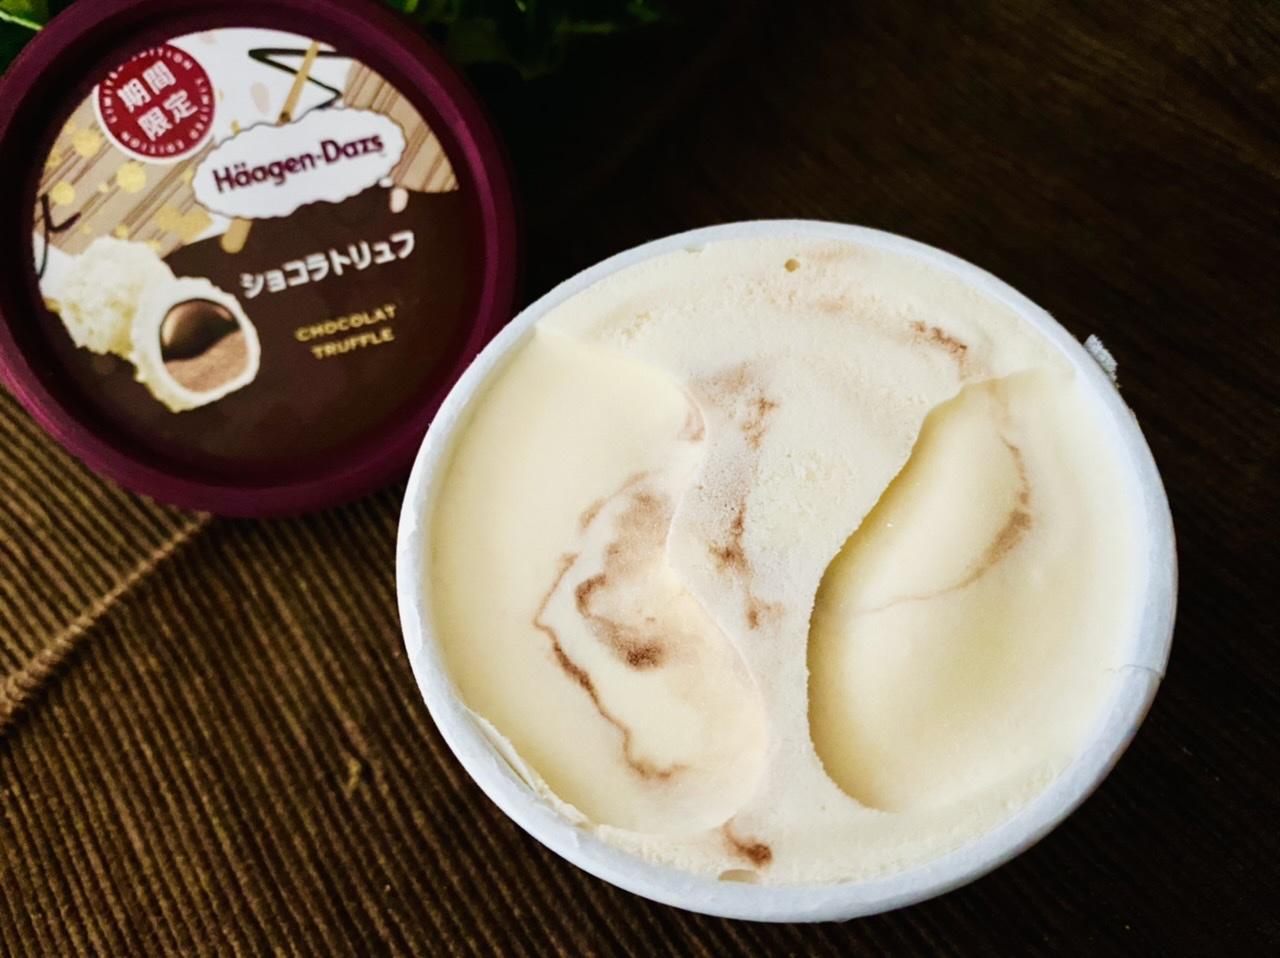 【ハーゲンダッツ】超豪華!3種類のチョコレートが味わえる《ショコラトリュフ》が美味♡_2